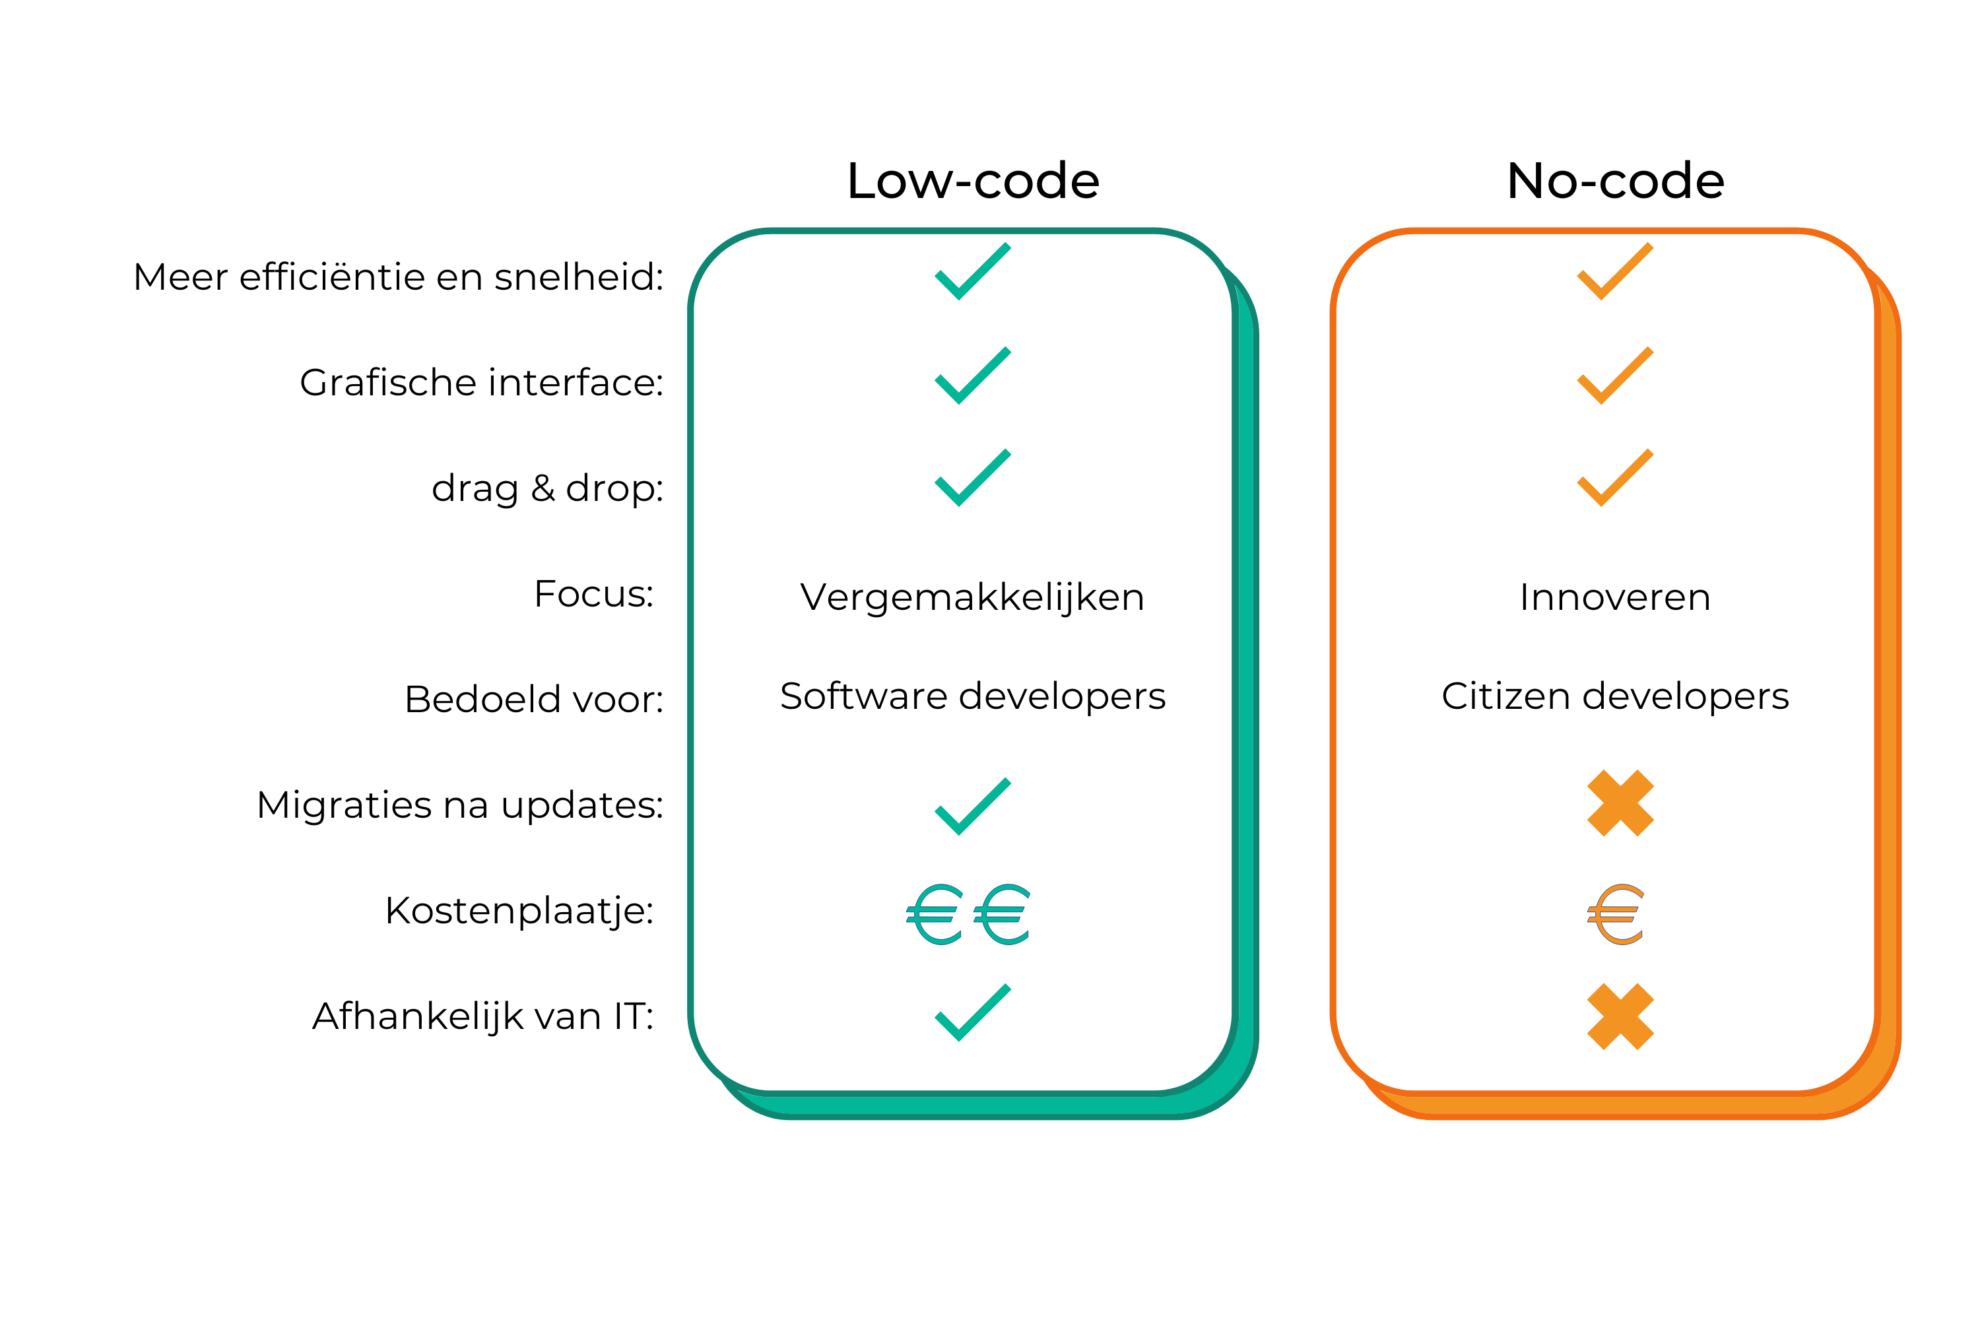 low-code vs. no-code